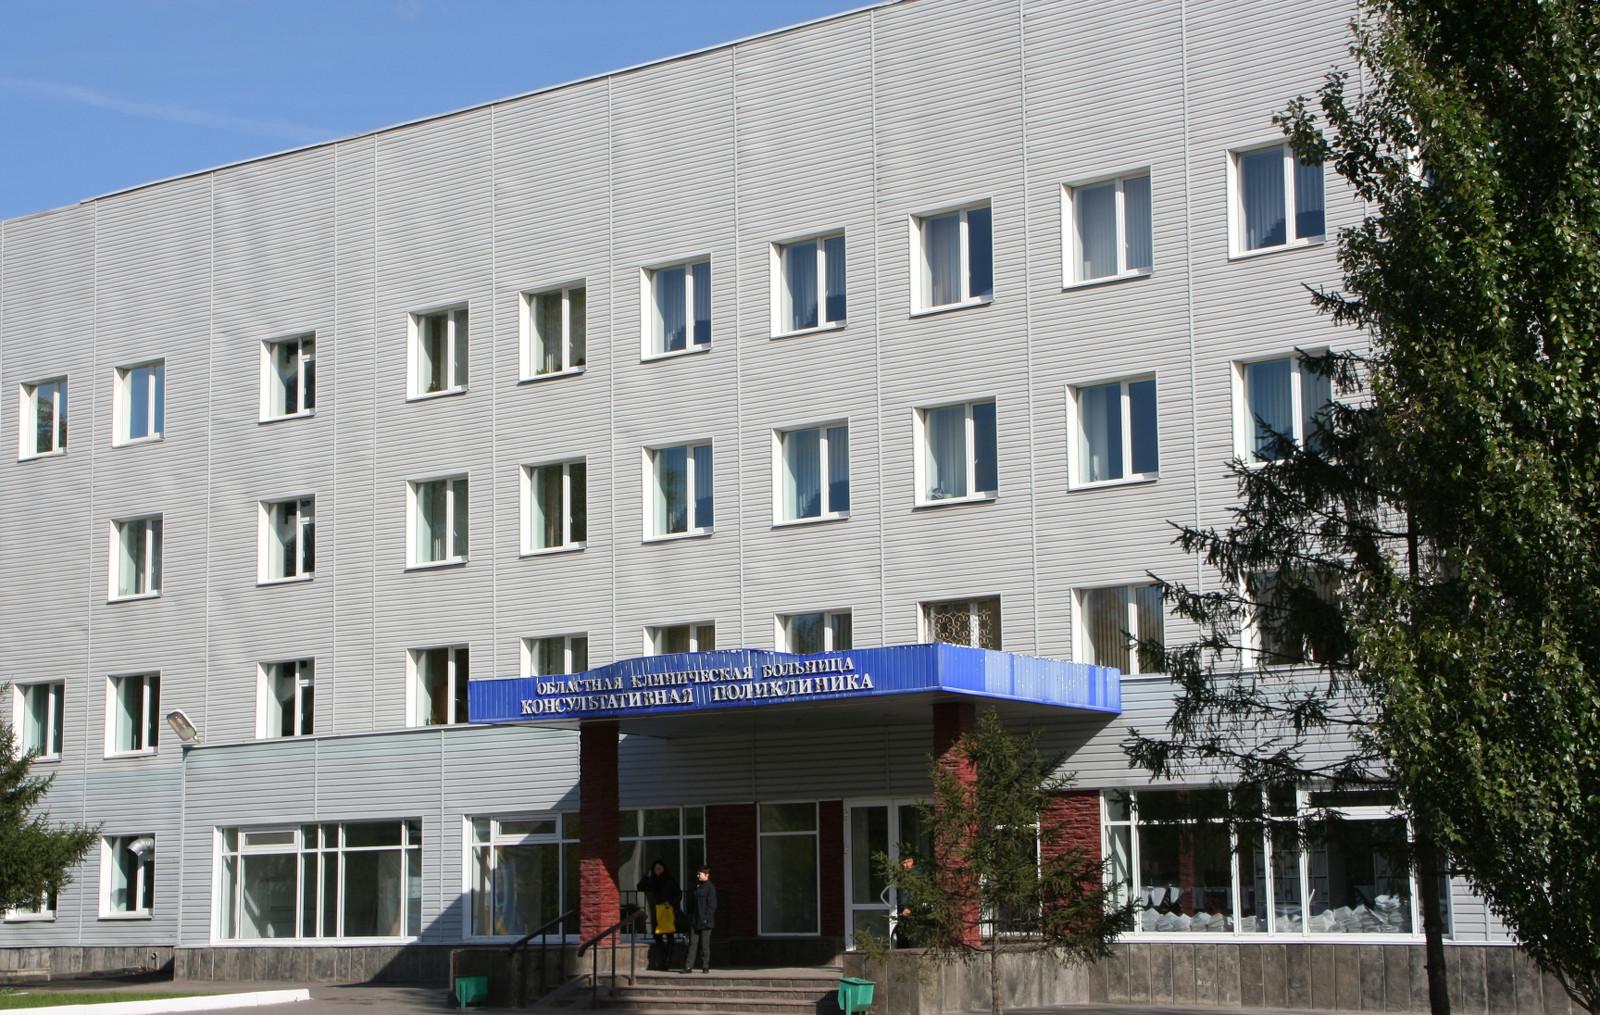 Поликлиника авиаторов 5 взрослое отделение